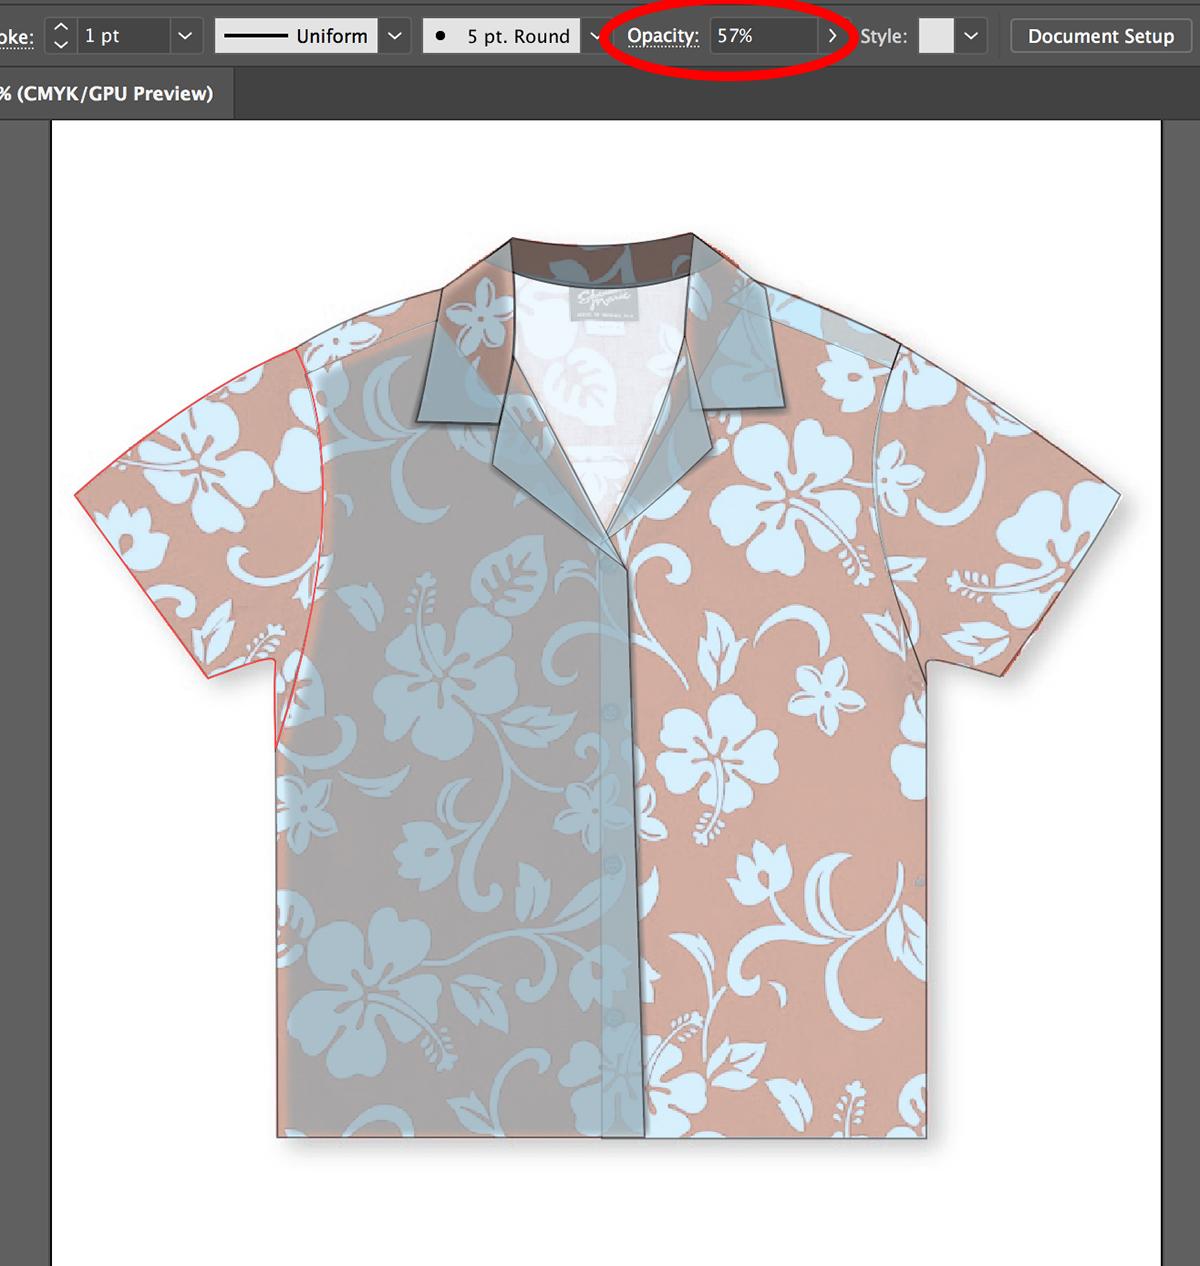 e89af8872df Design Process: The Hawaiian Shirt on Behance